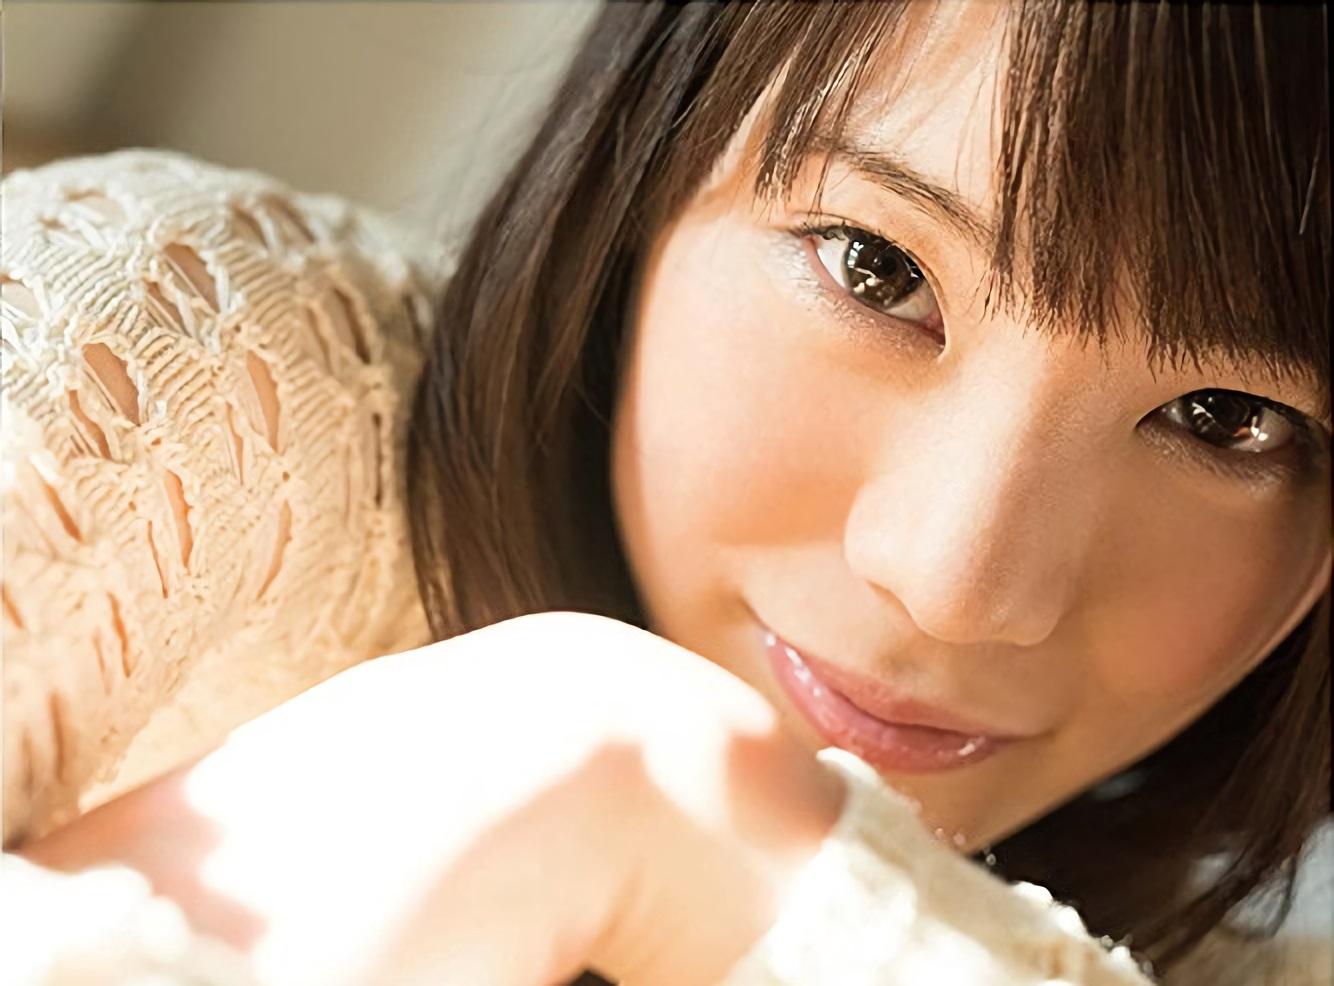 鈴村あいりが好きすぎて鈴村あいりが彼女になってた